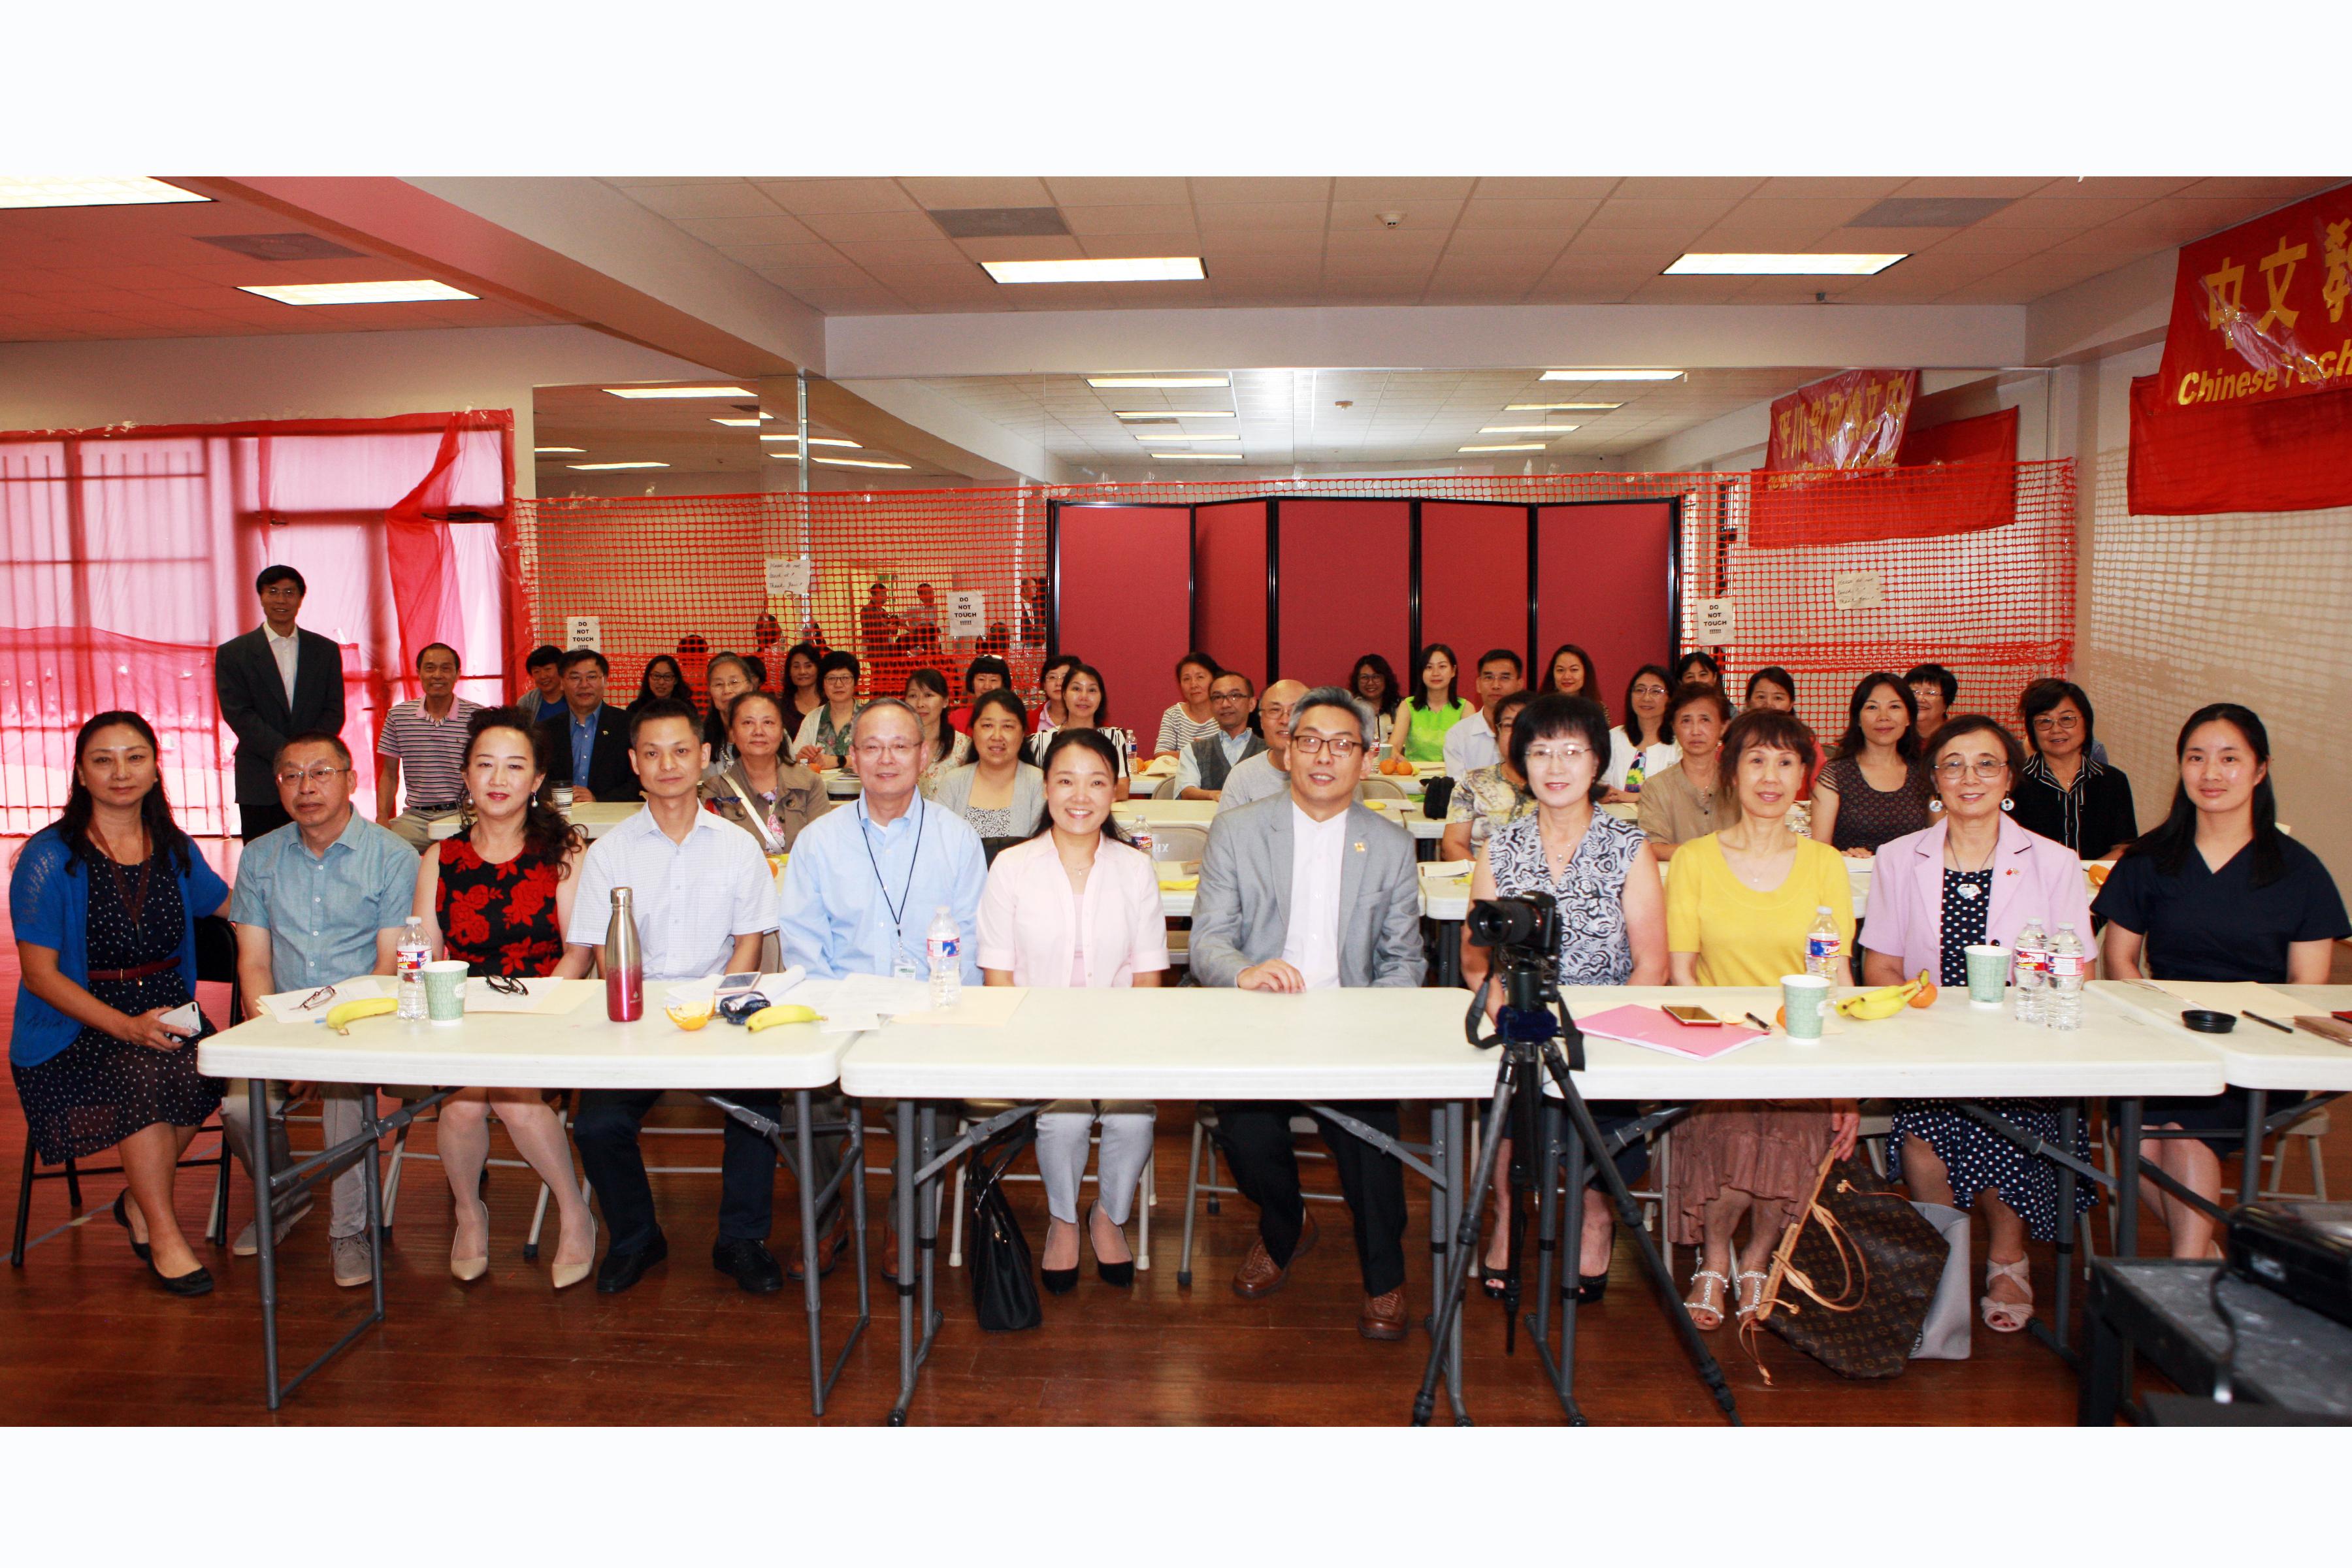 蔡偉(前右五)與華夏中文學校老師合影。(記者賈忠/攝影)